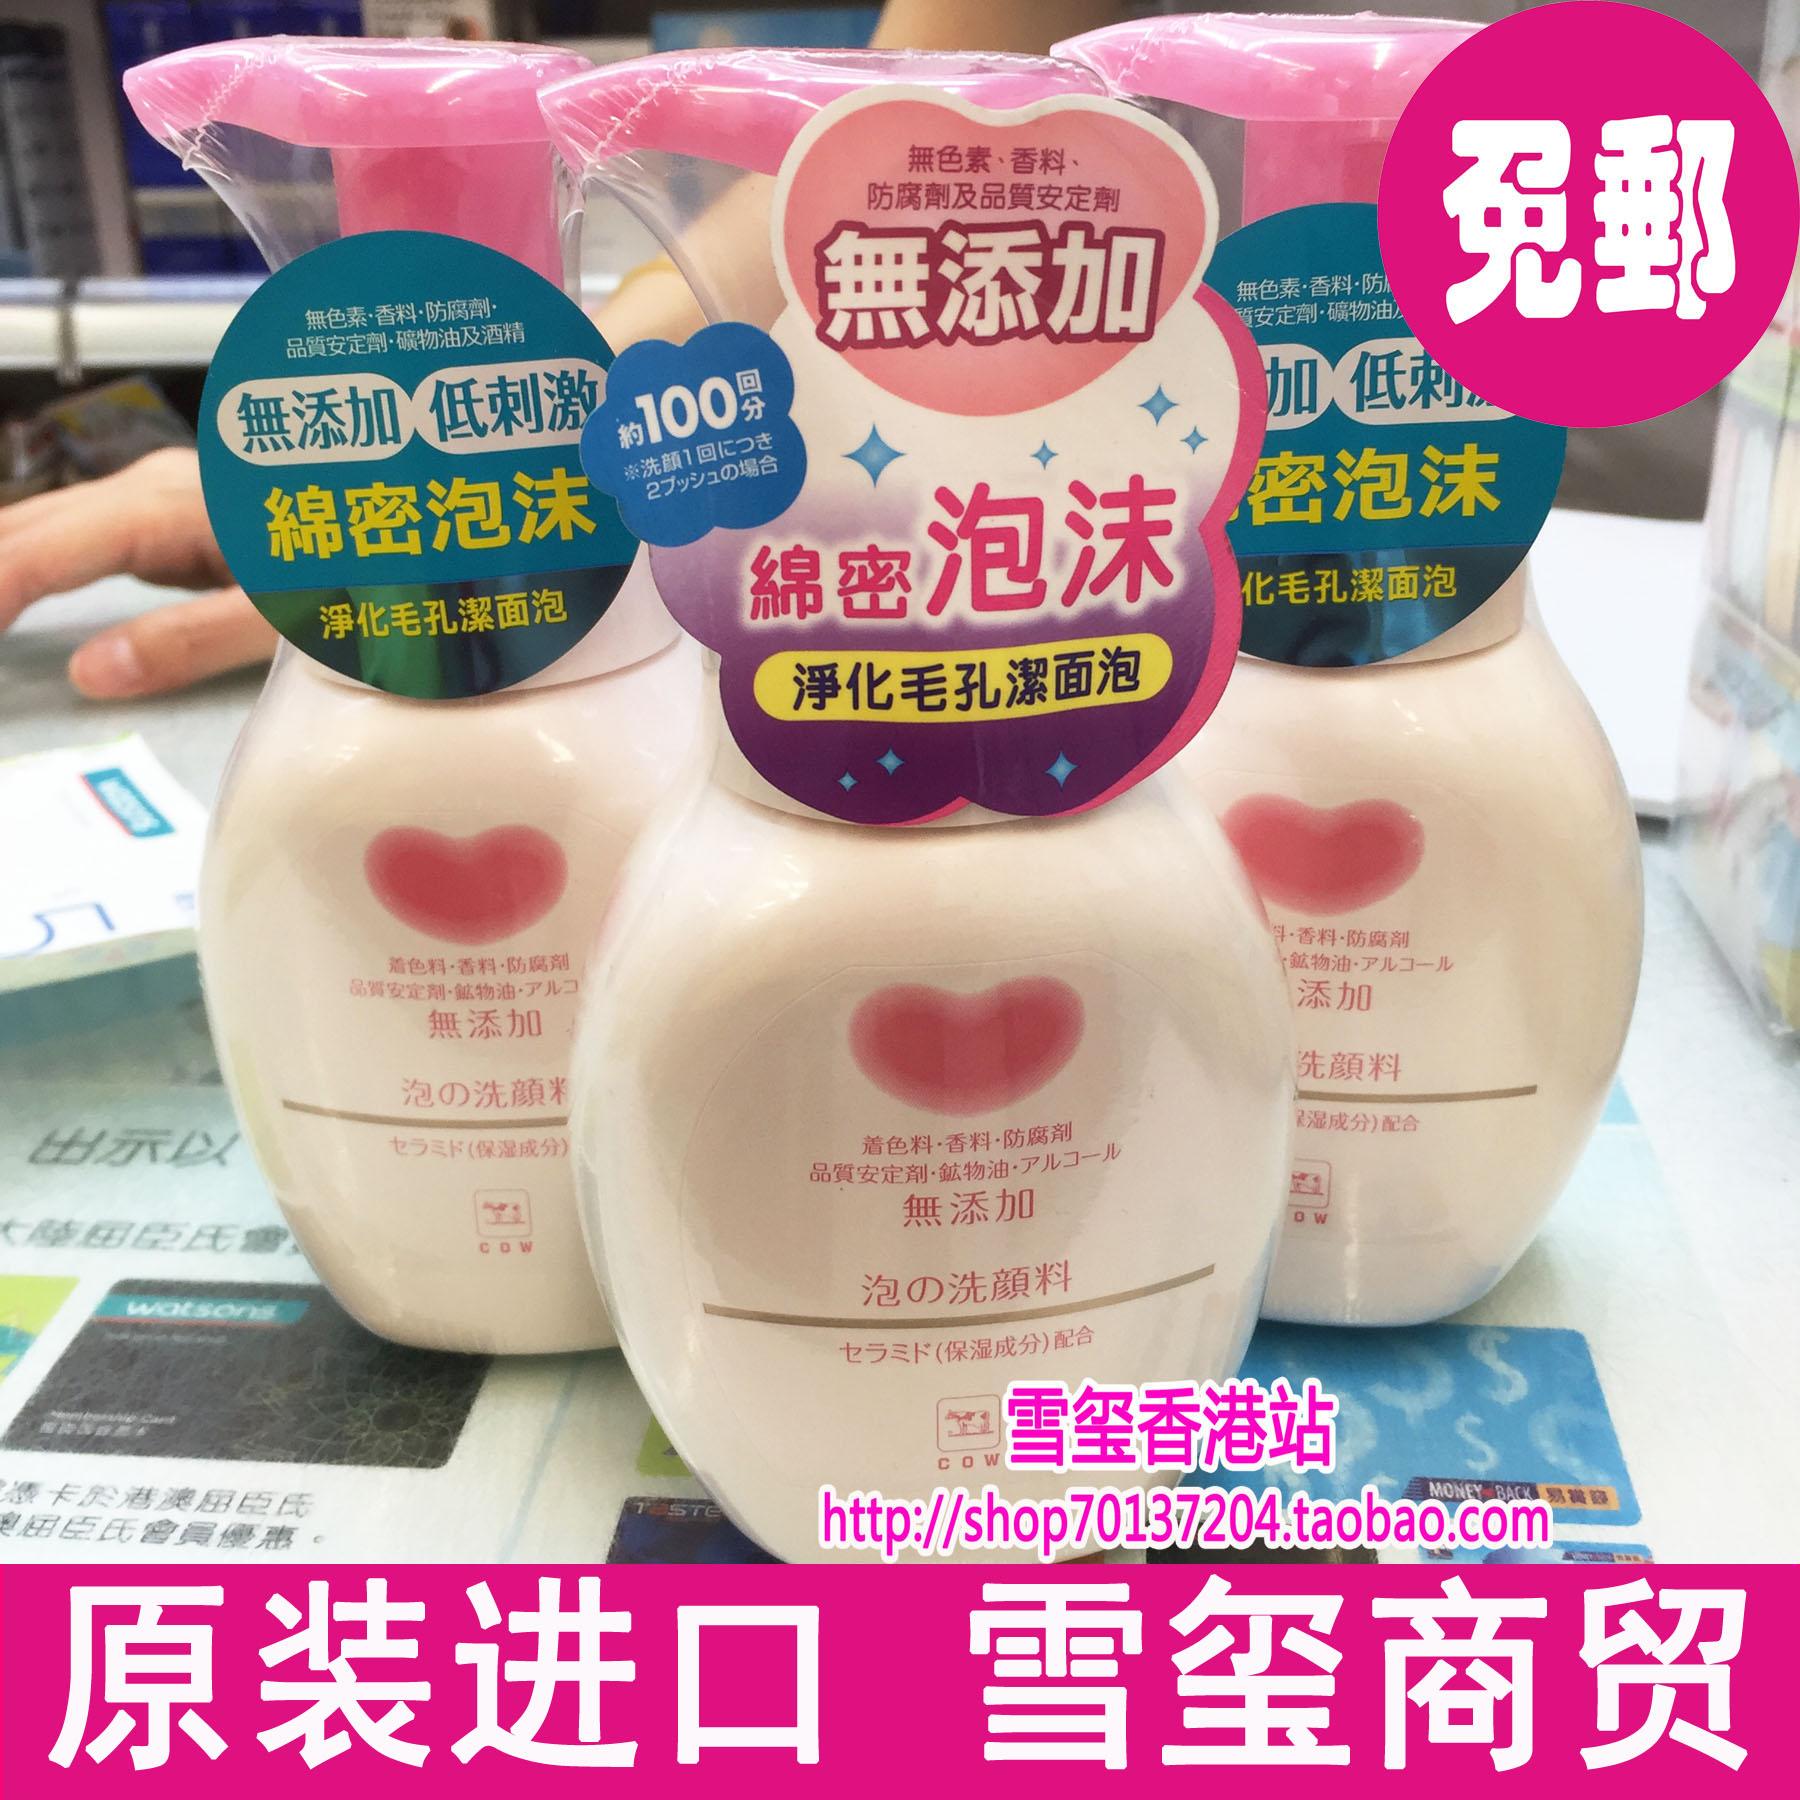 日本原裝 COW牛乳洗面奶無新增溫和潔面泡沫200ml保溼型